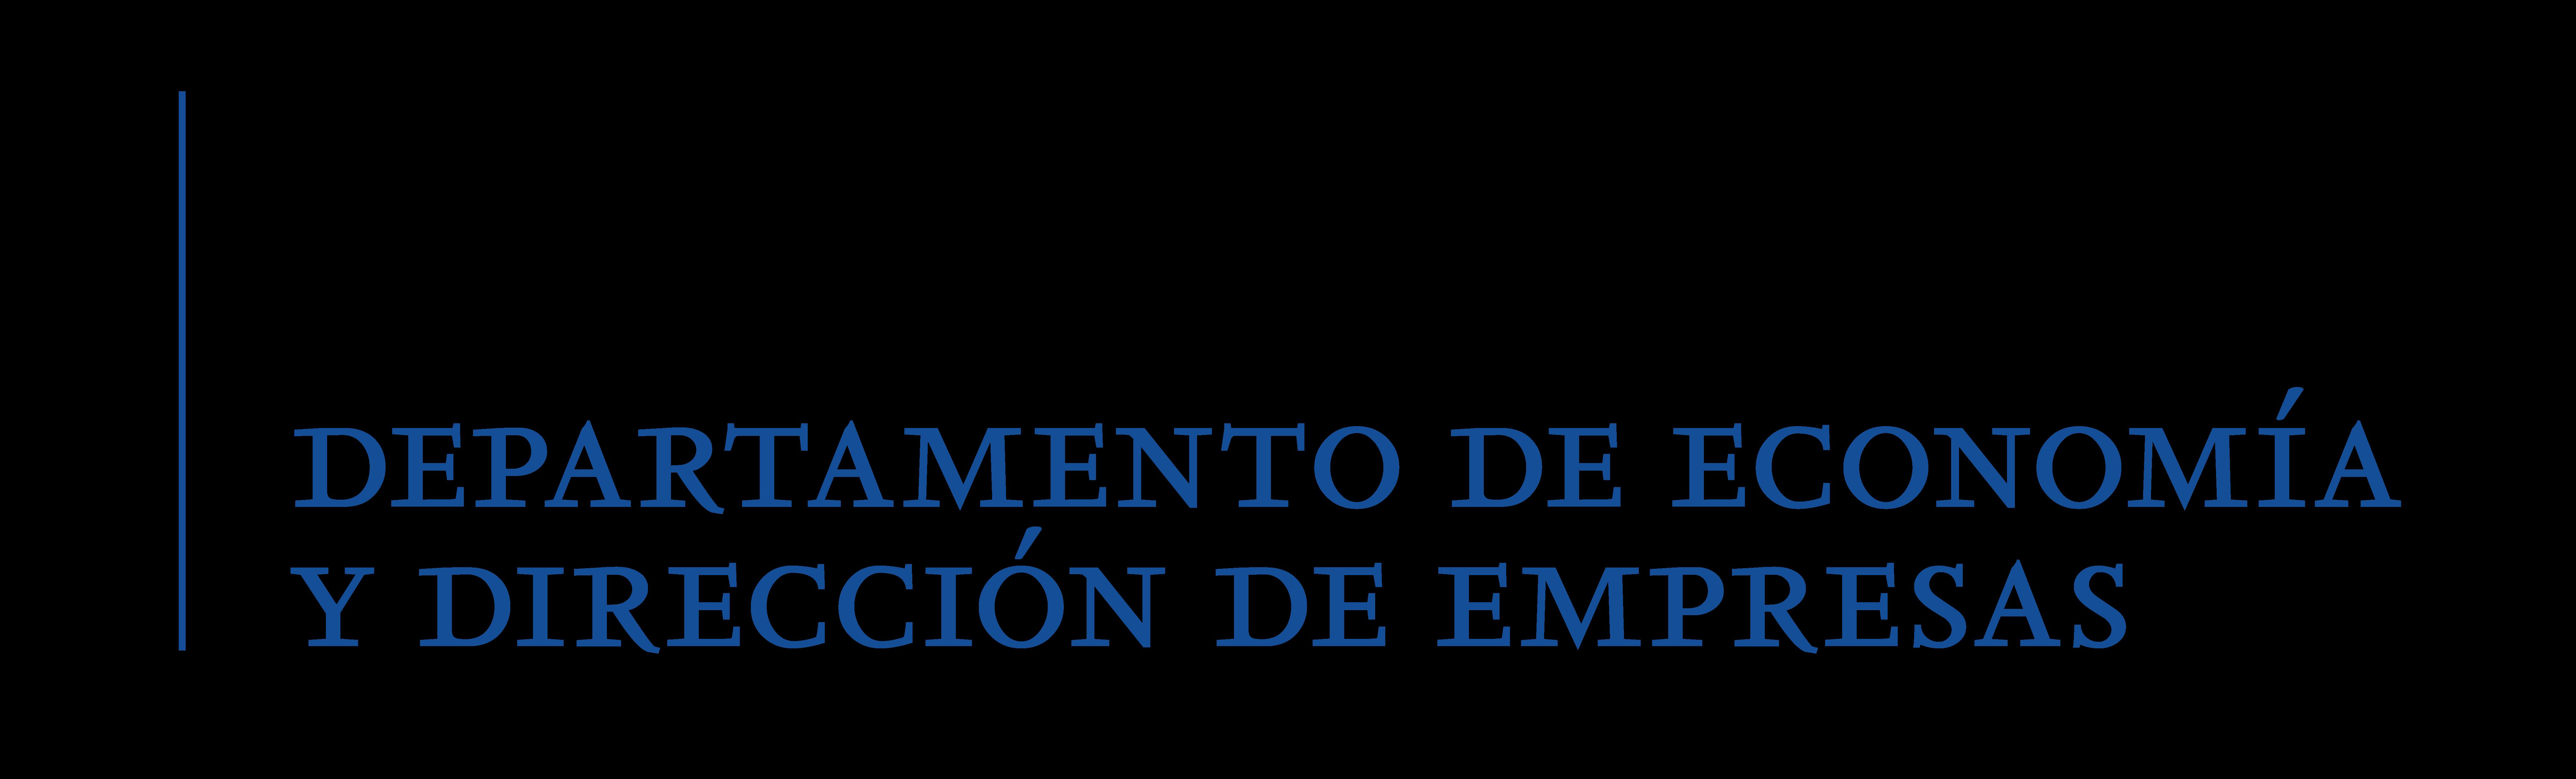 Departamento de Economía y Dirección de Empresas de la Universidad de Alcalá